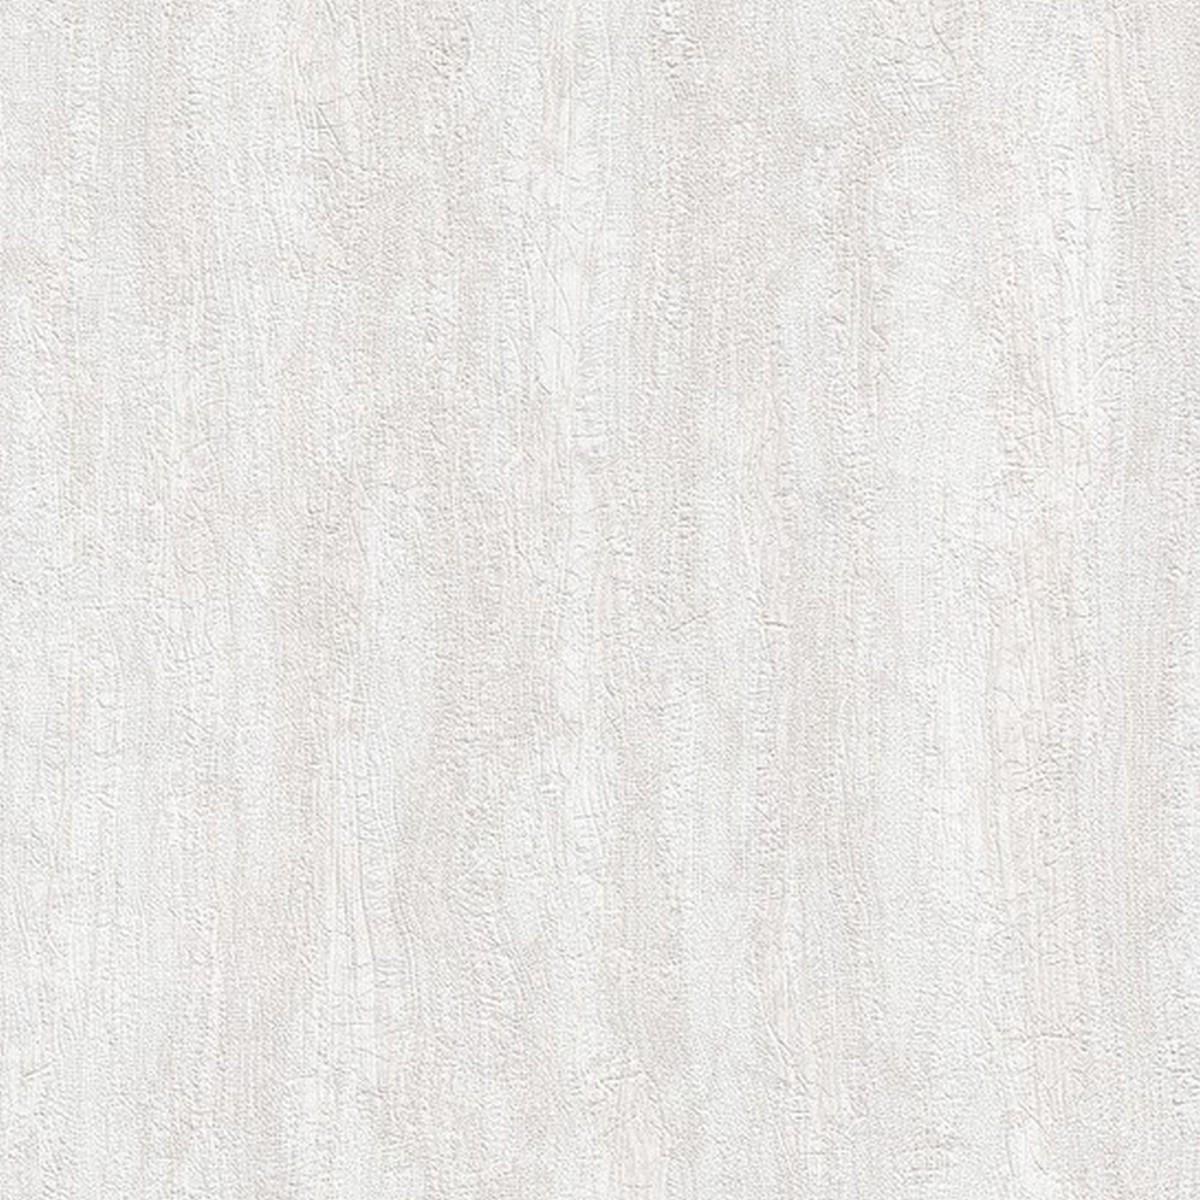 Обои флизелиновые Euro Decor Fiji белые 1.06 м 1164-00